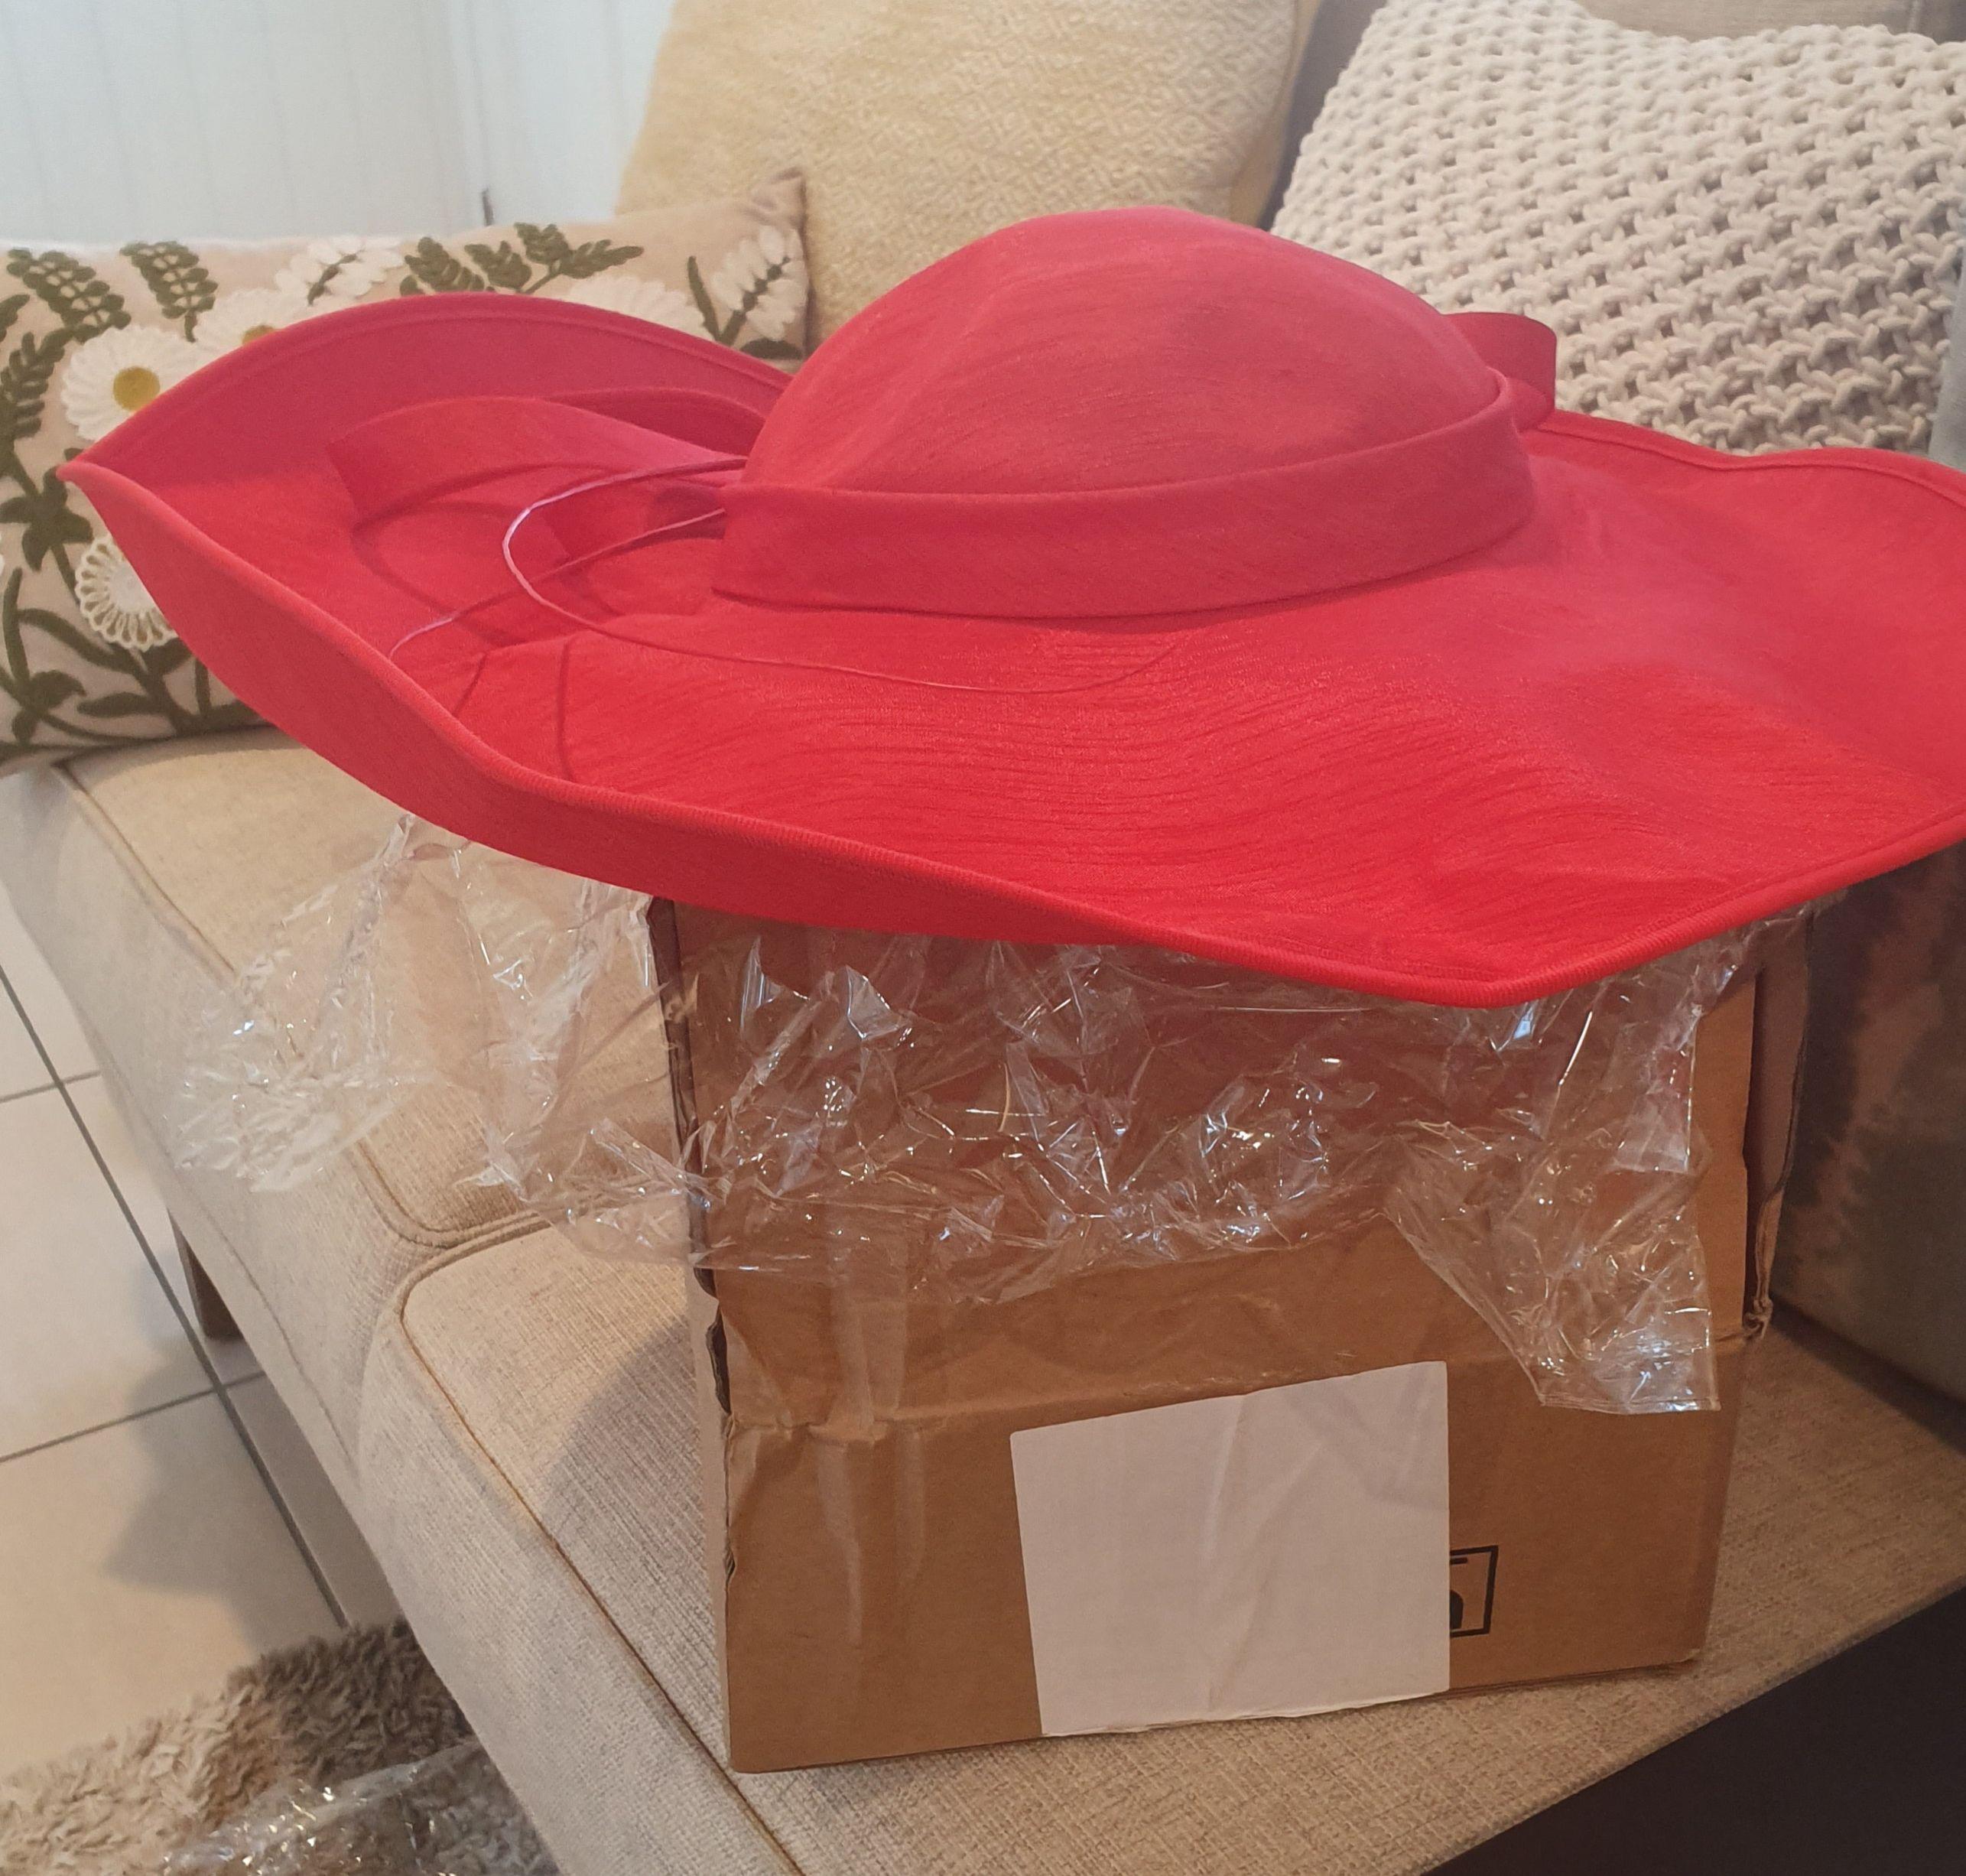 Dames Élégante Batiste avec Bowknot Chapeau melon / Chapeau cloche/Kentucky Derby Des Chapeaux